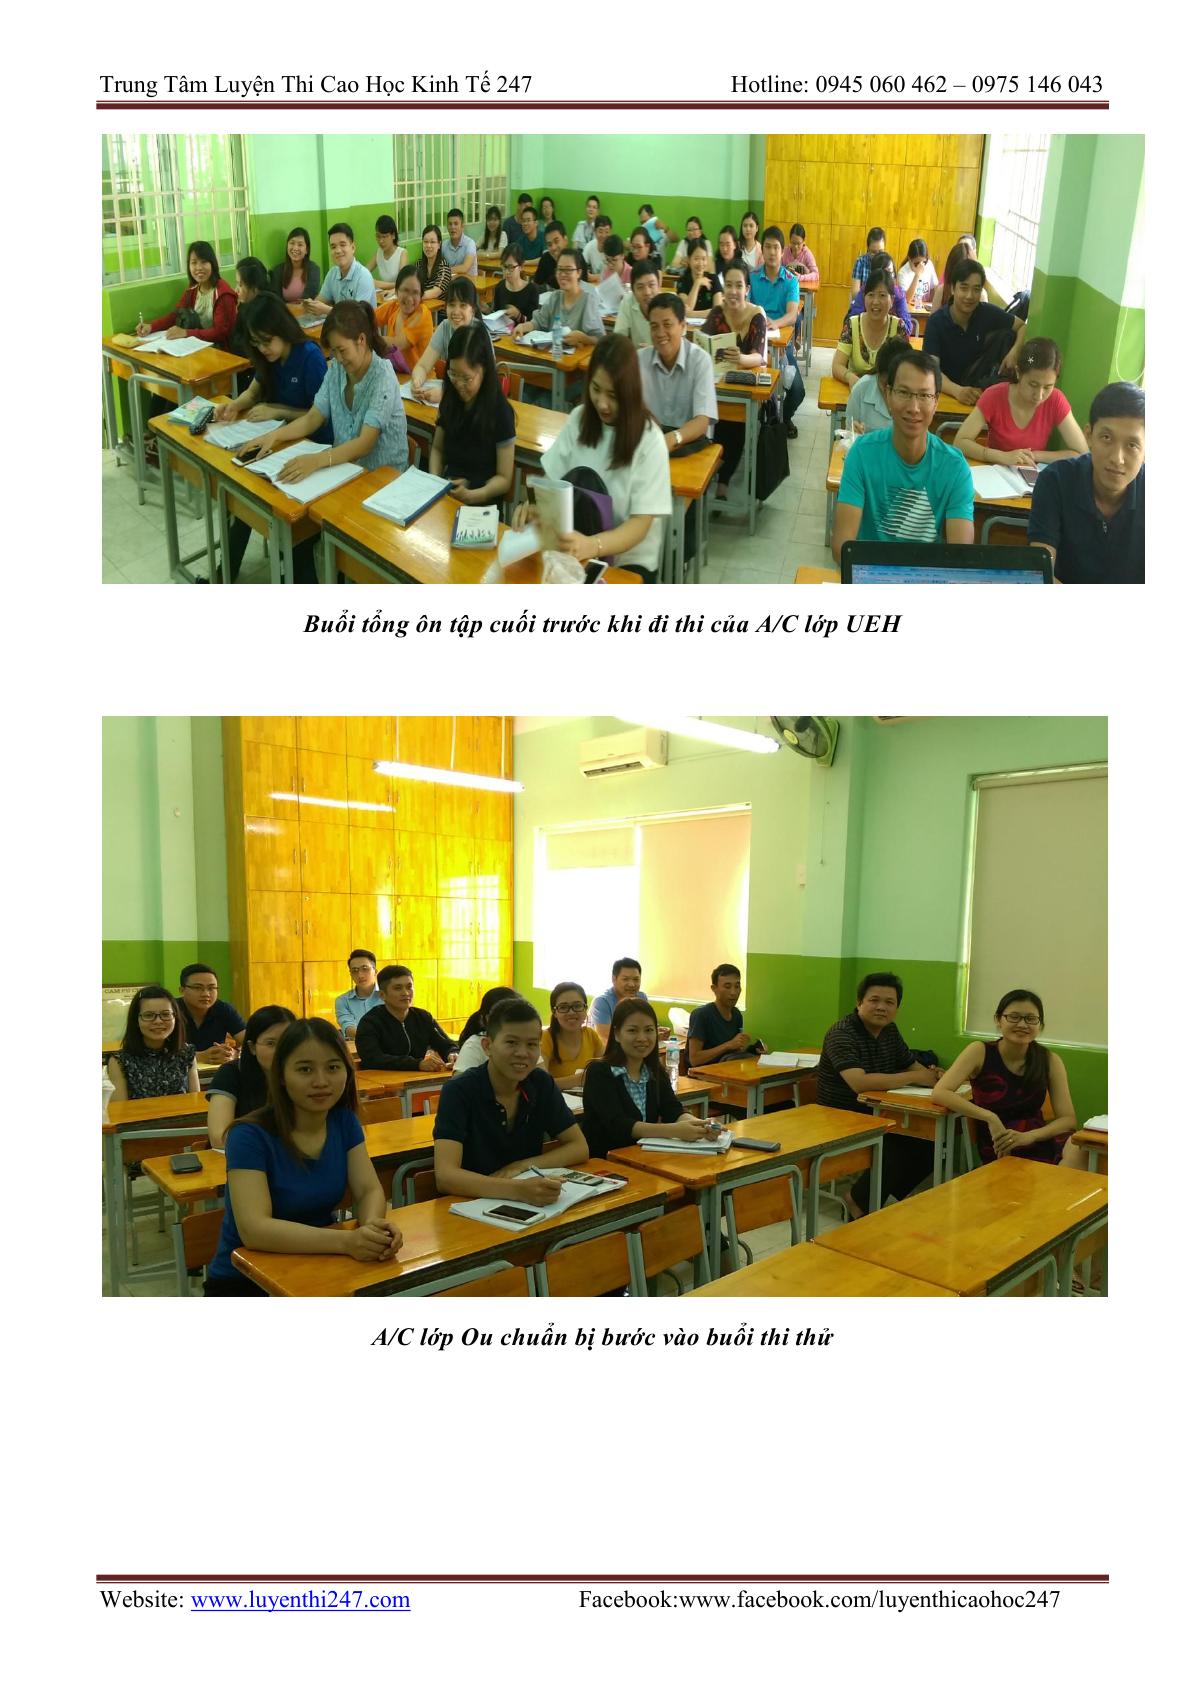 Vinh danh bạn Trần Thị Hoàng Ngân THỦ KHOA OU 2017 Đợt 2 – Với Tỷ lệ đậu cao học kinh tế OU 2017 đợt 2 99%